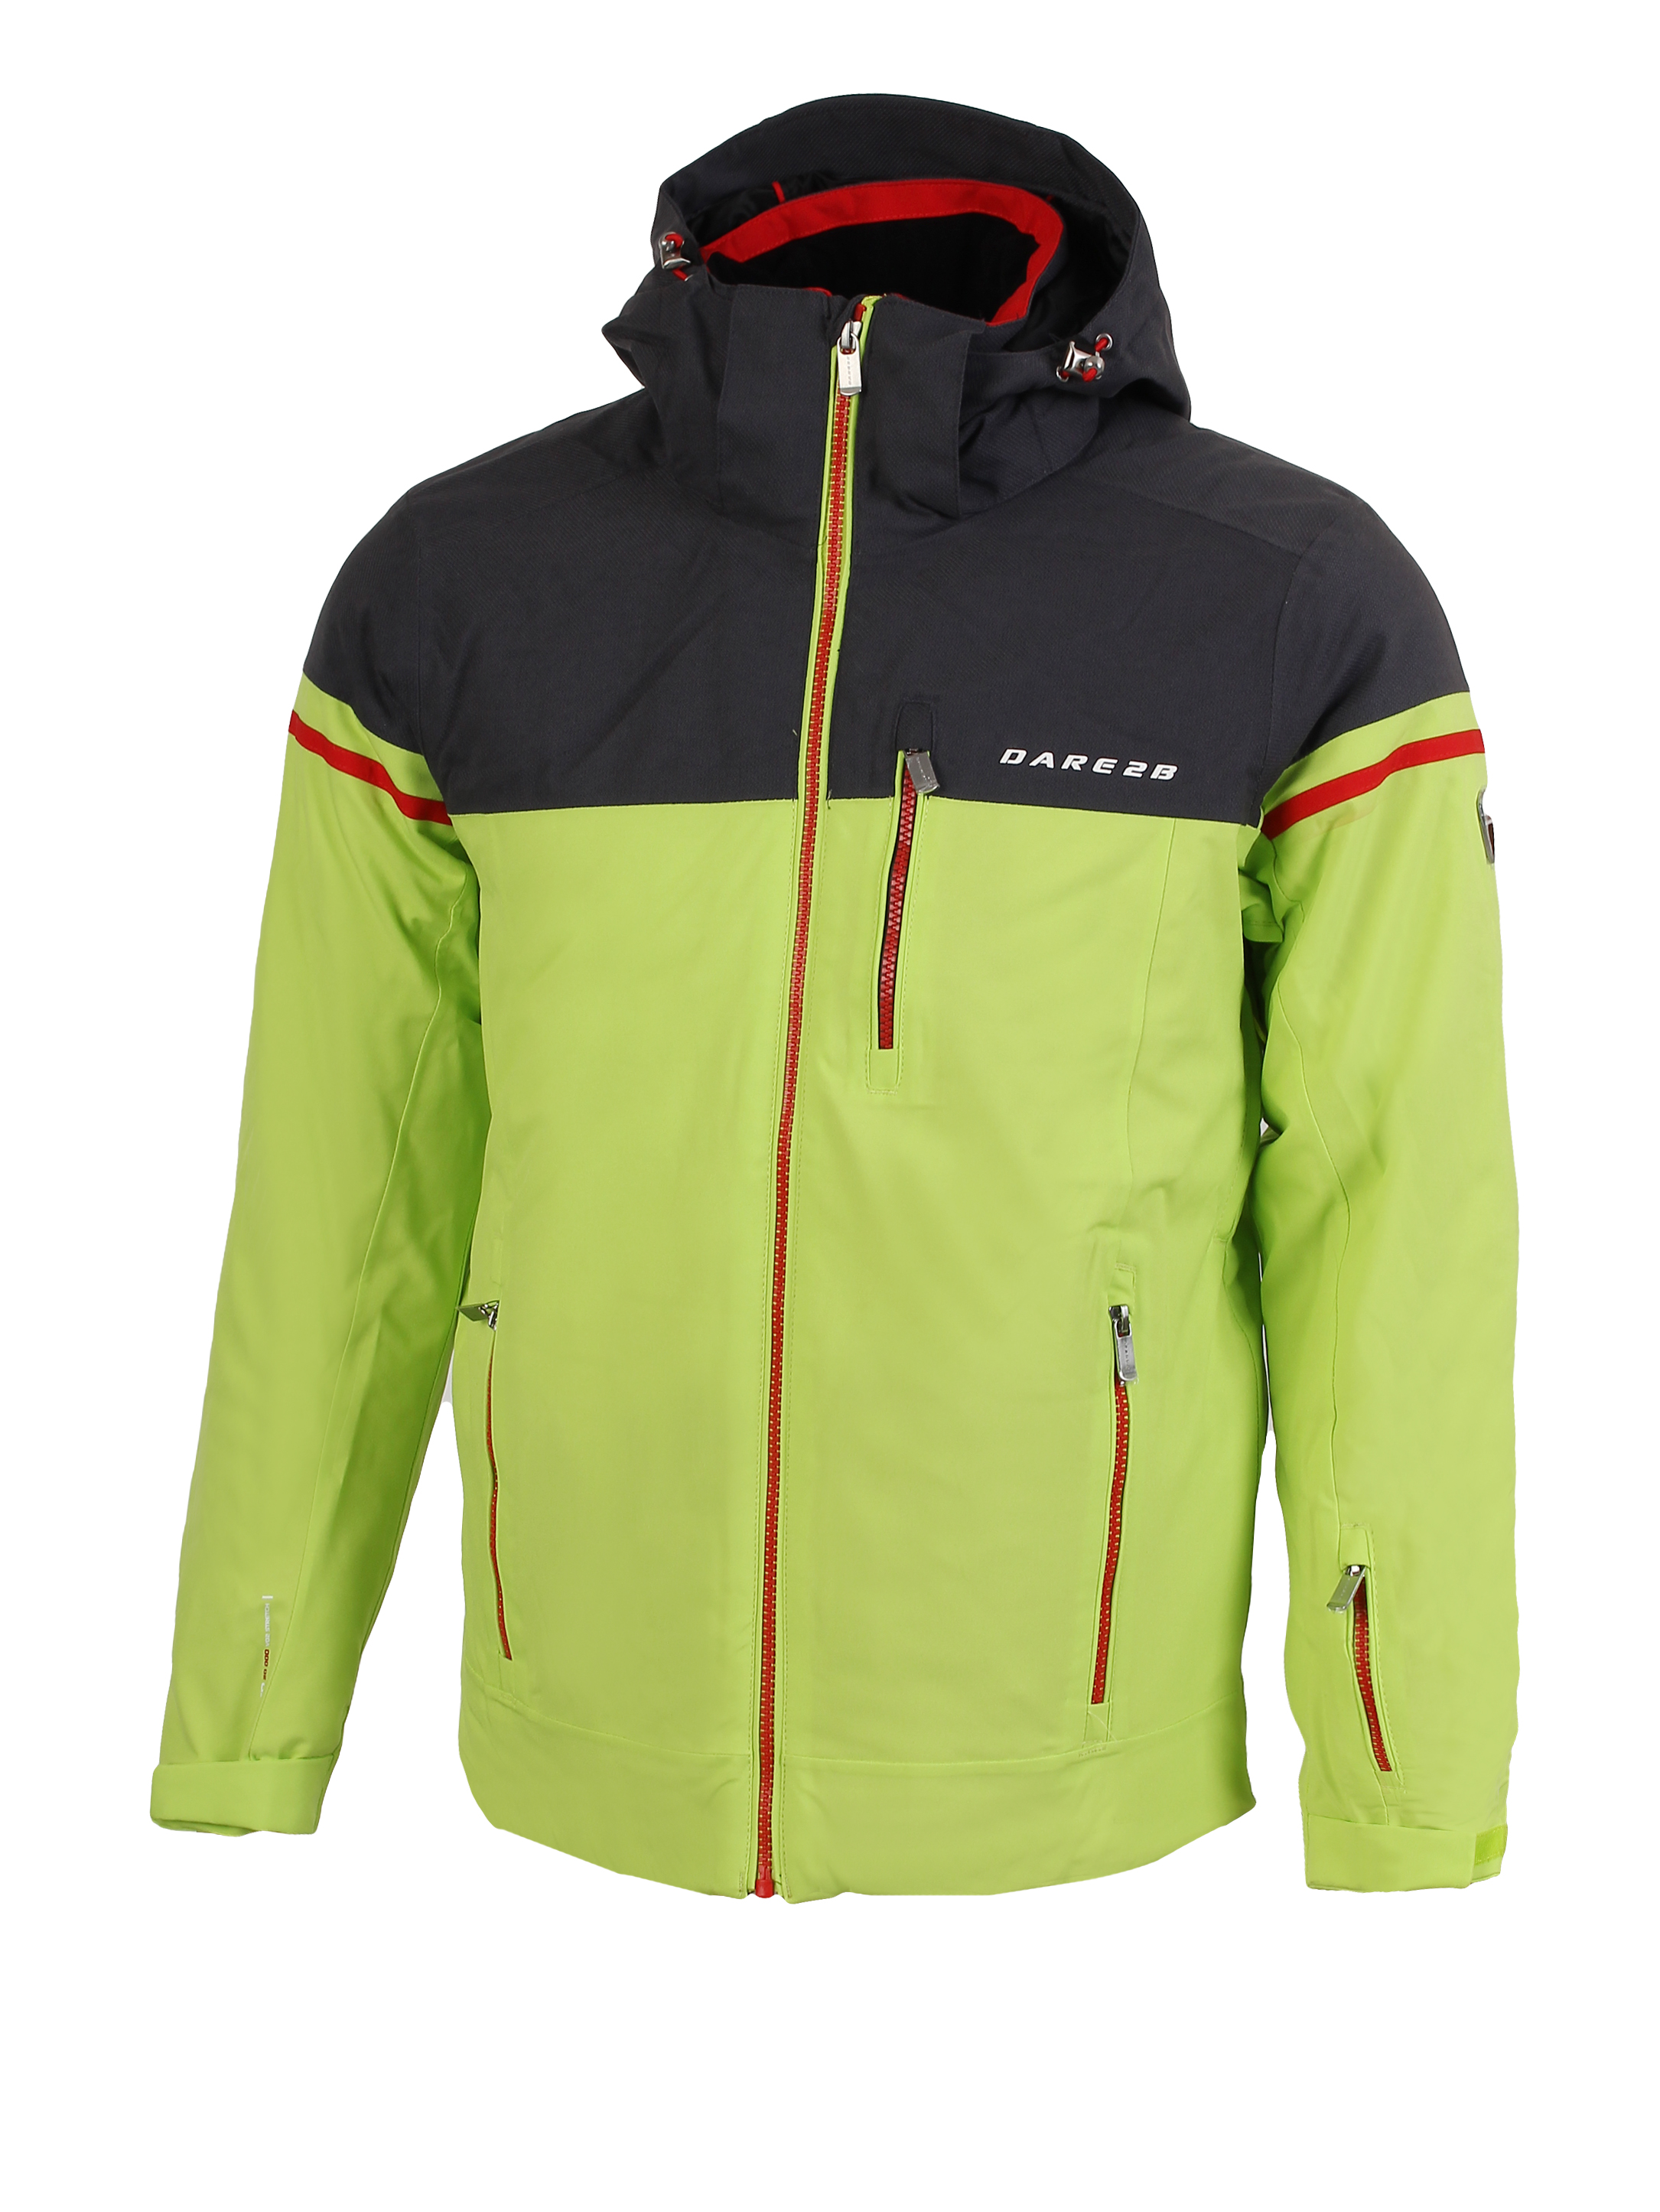 c3620f2ae9c1f Куртка горнолыжная мужская Dare2b Graded Jacket - Сеть спортивных ...